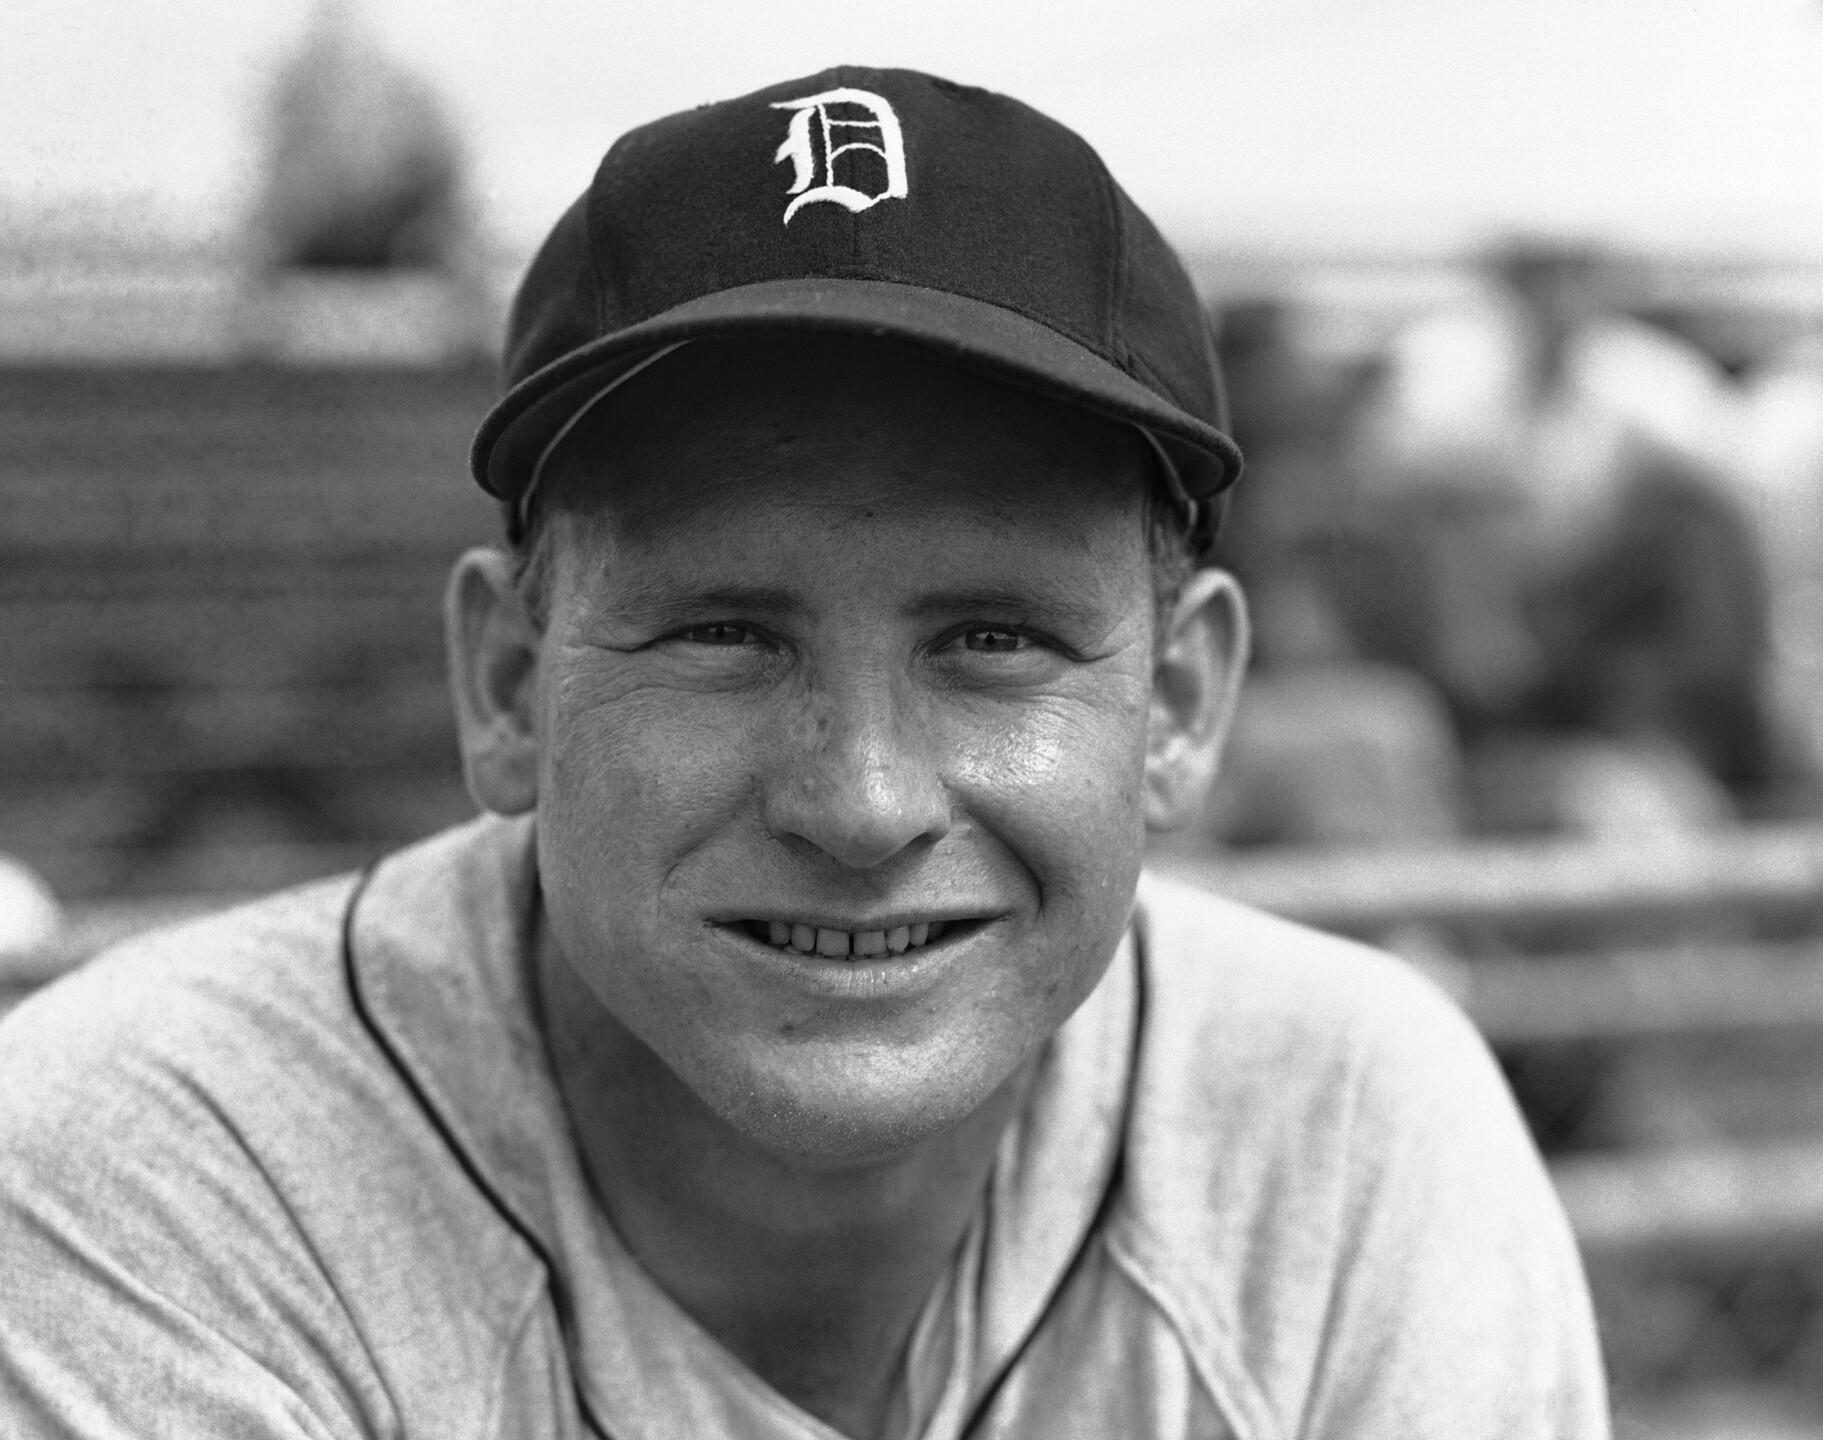 Paul H Trout                              Detroit Tigers